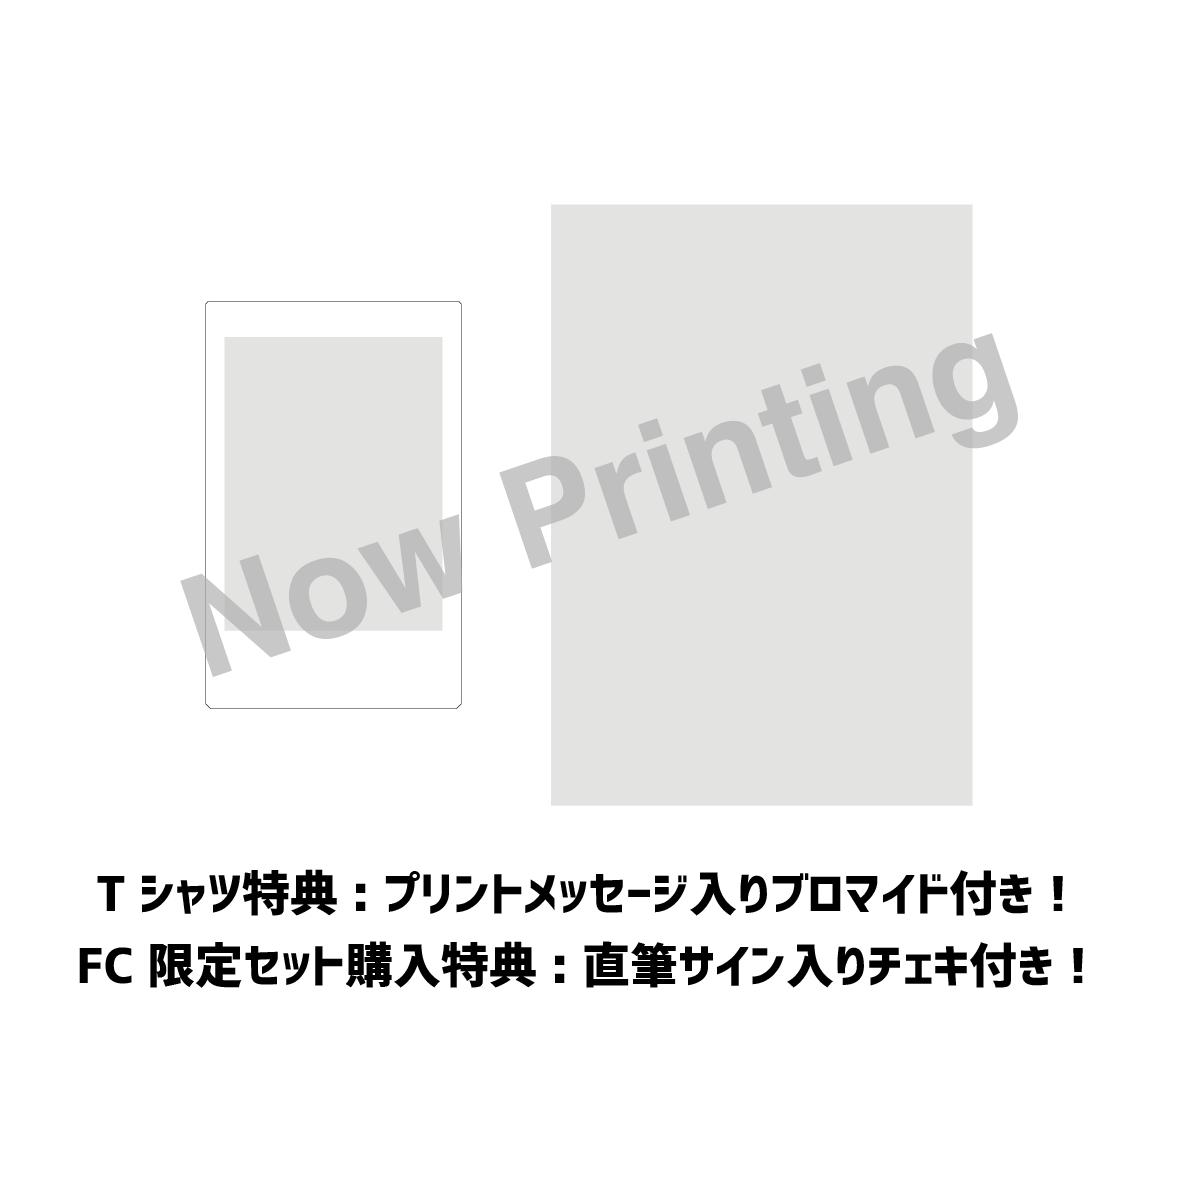 【FC限定直筆チェキ付】「佐藤信長1st Fanmeeting」おまとめセット④(Tシャツ・コーラルベージュ/ハンガーB)